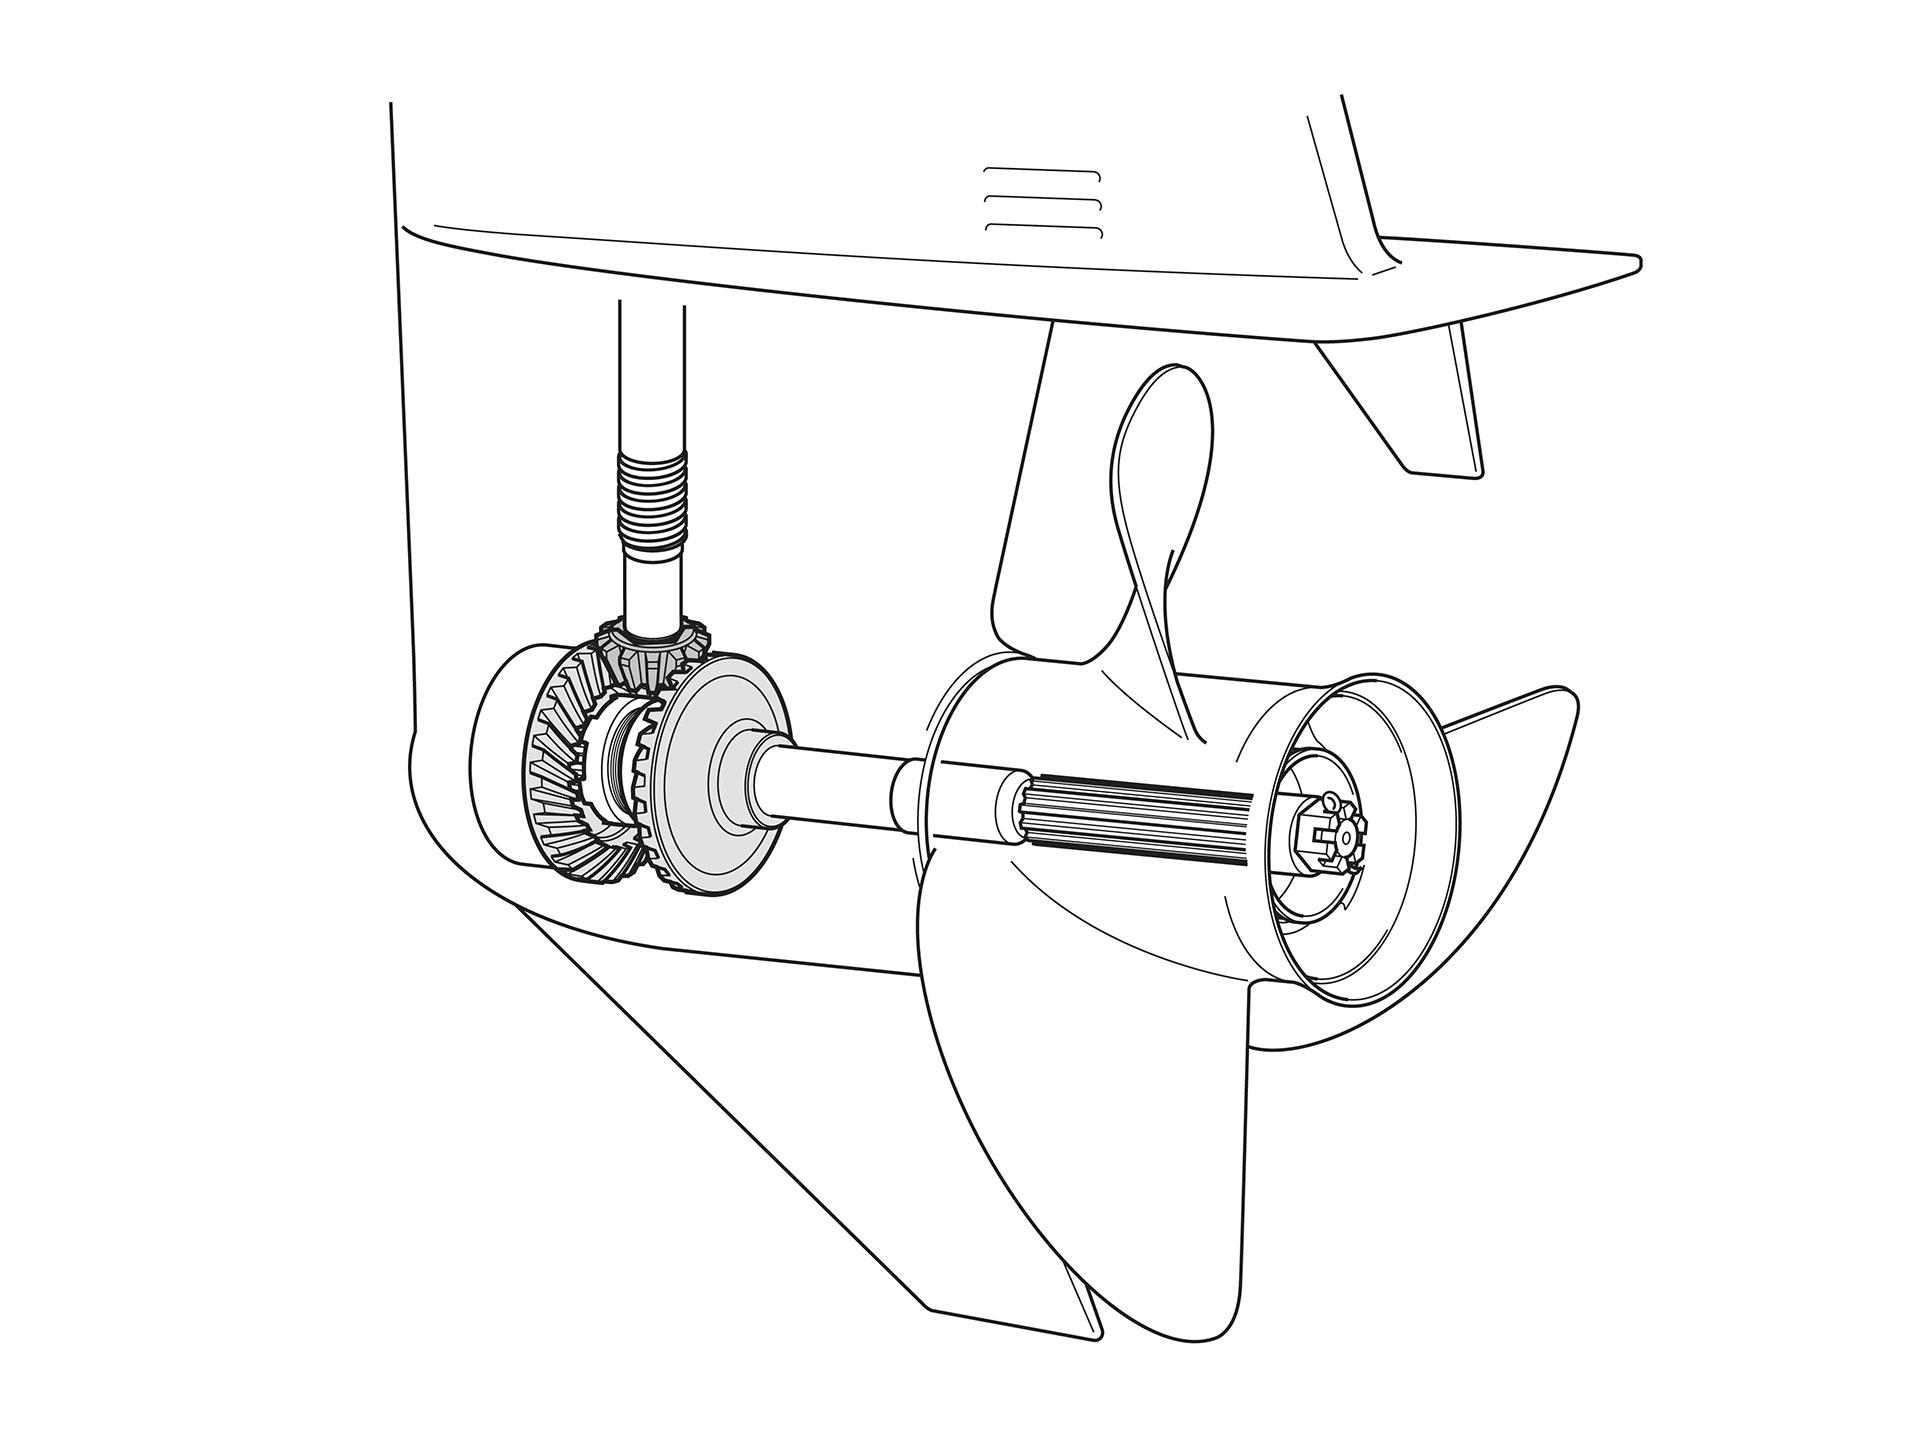 устройство стационарного лодочного мотора